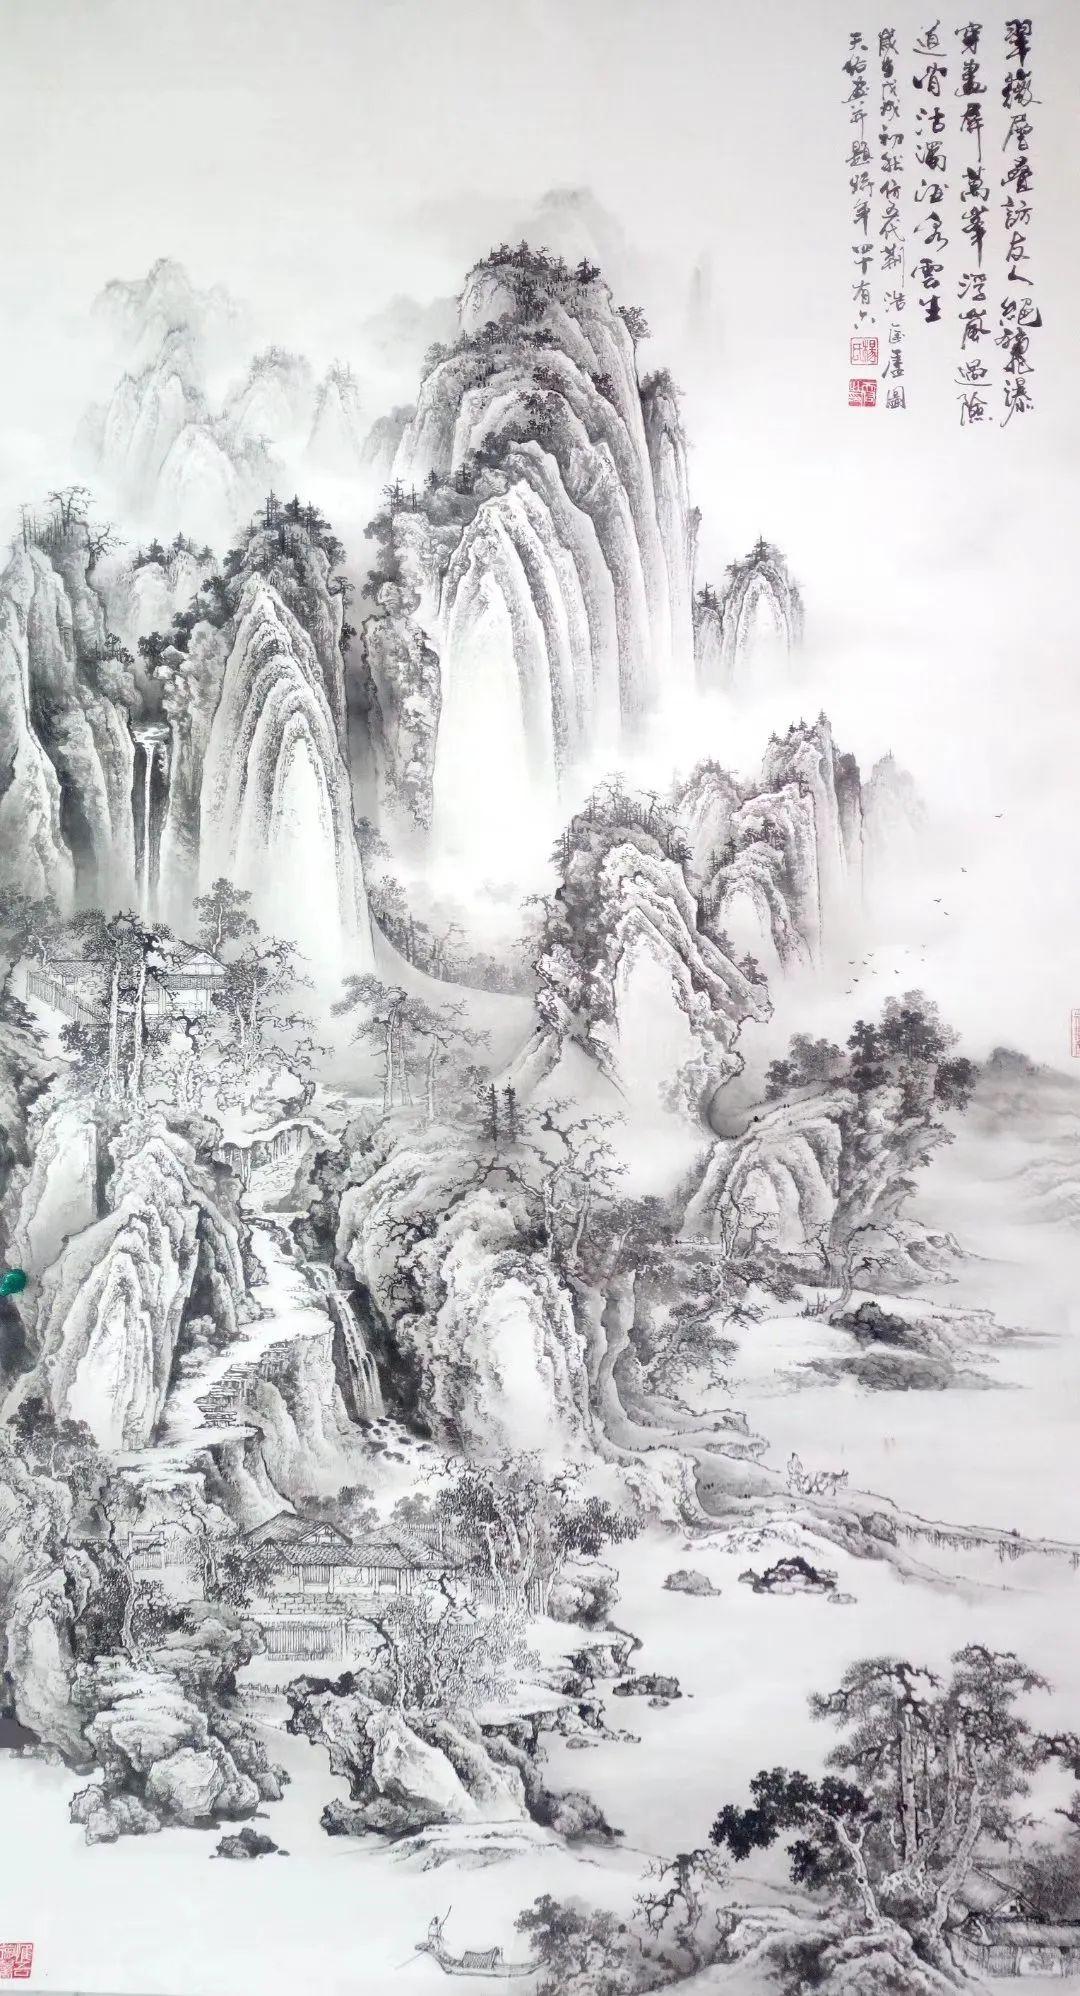 杨天佑仿古山水画与题诗欣赏:不负好时节,醉意踏歌行